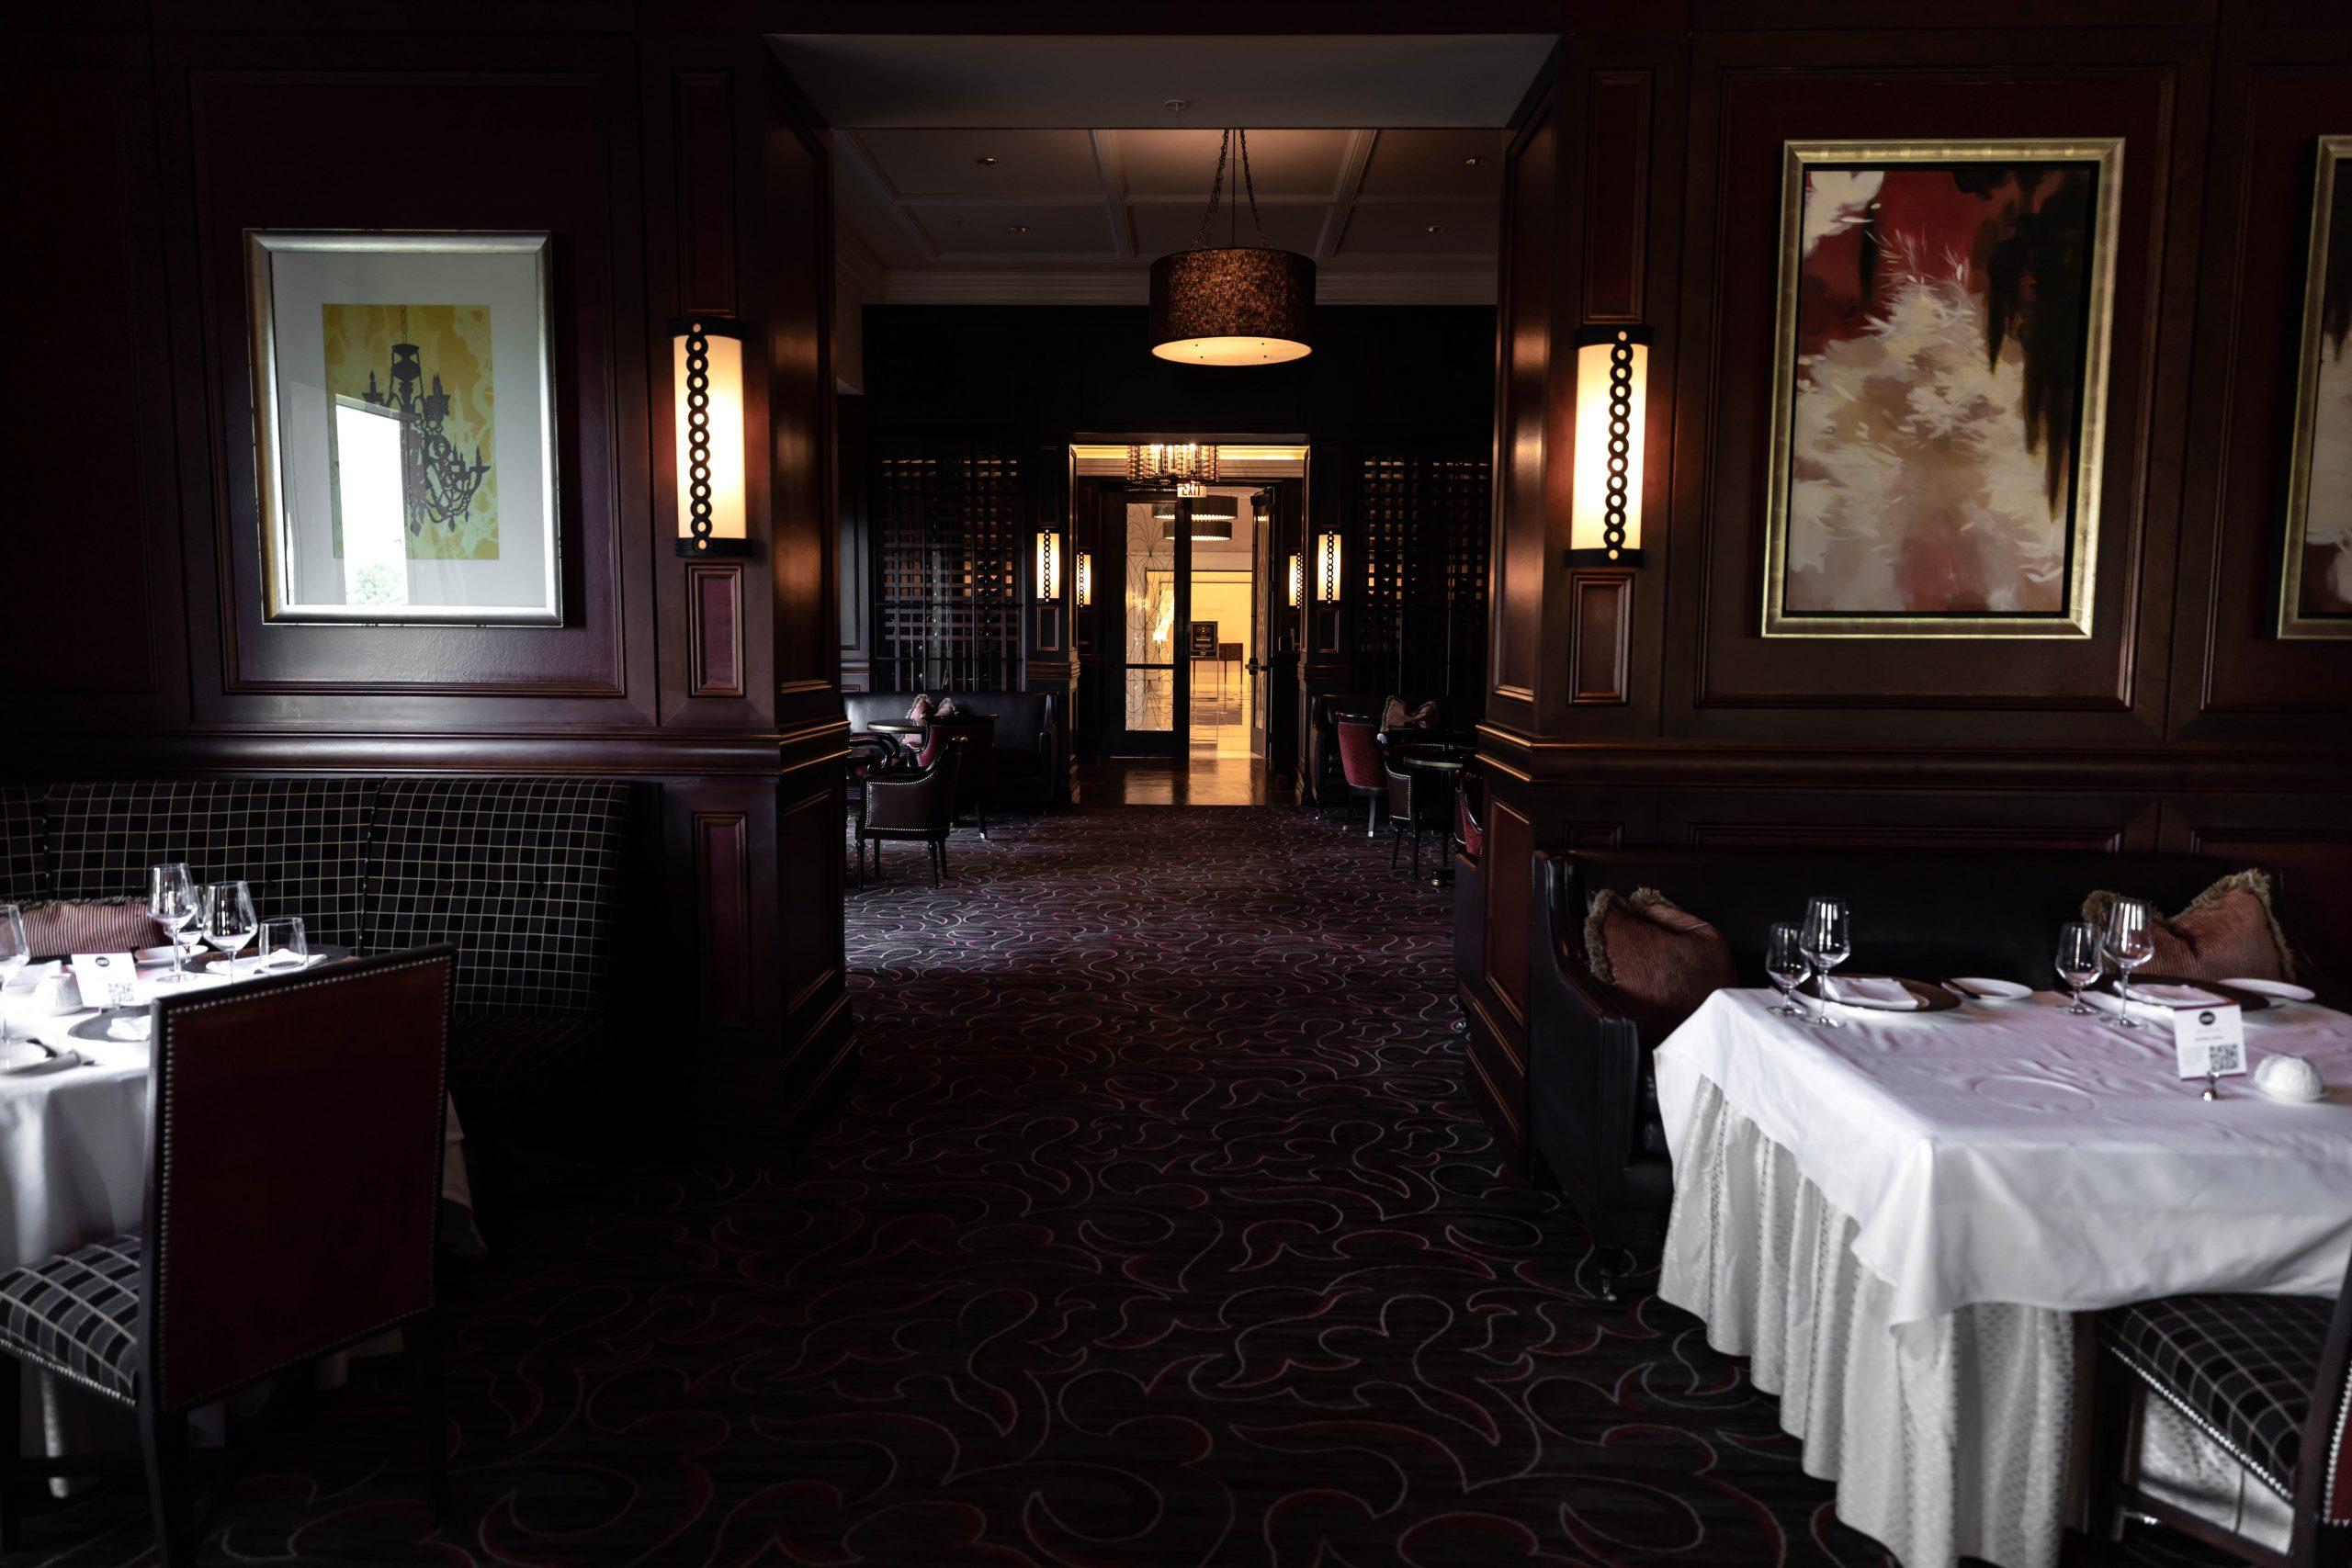 Bull & Bear Steakhouse Luxury Restaurant at Waldorf Astoria Orlando Florida by Annie Fairfax